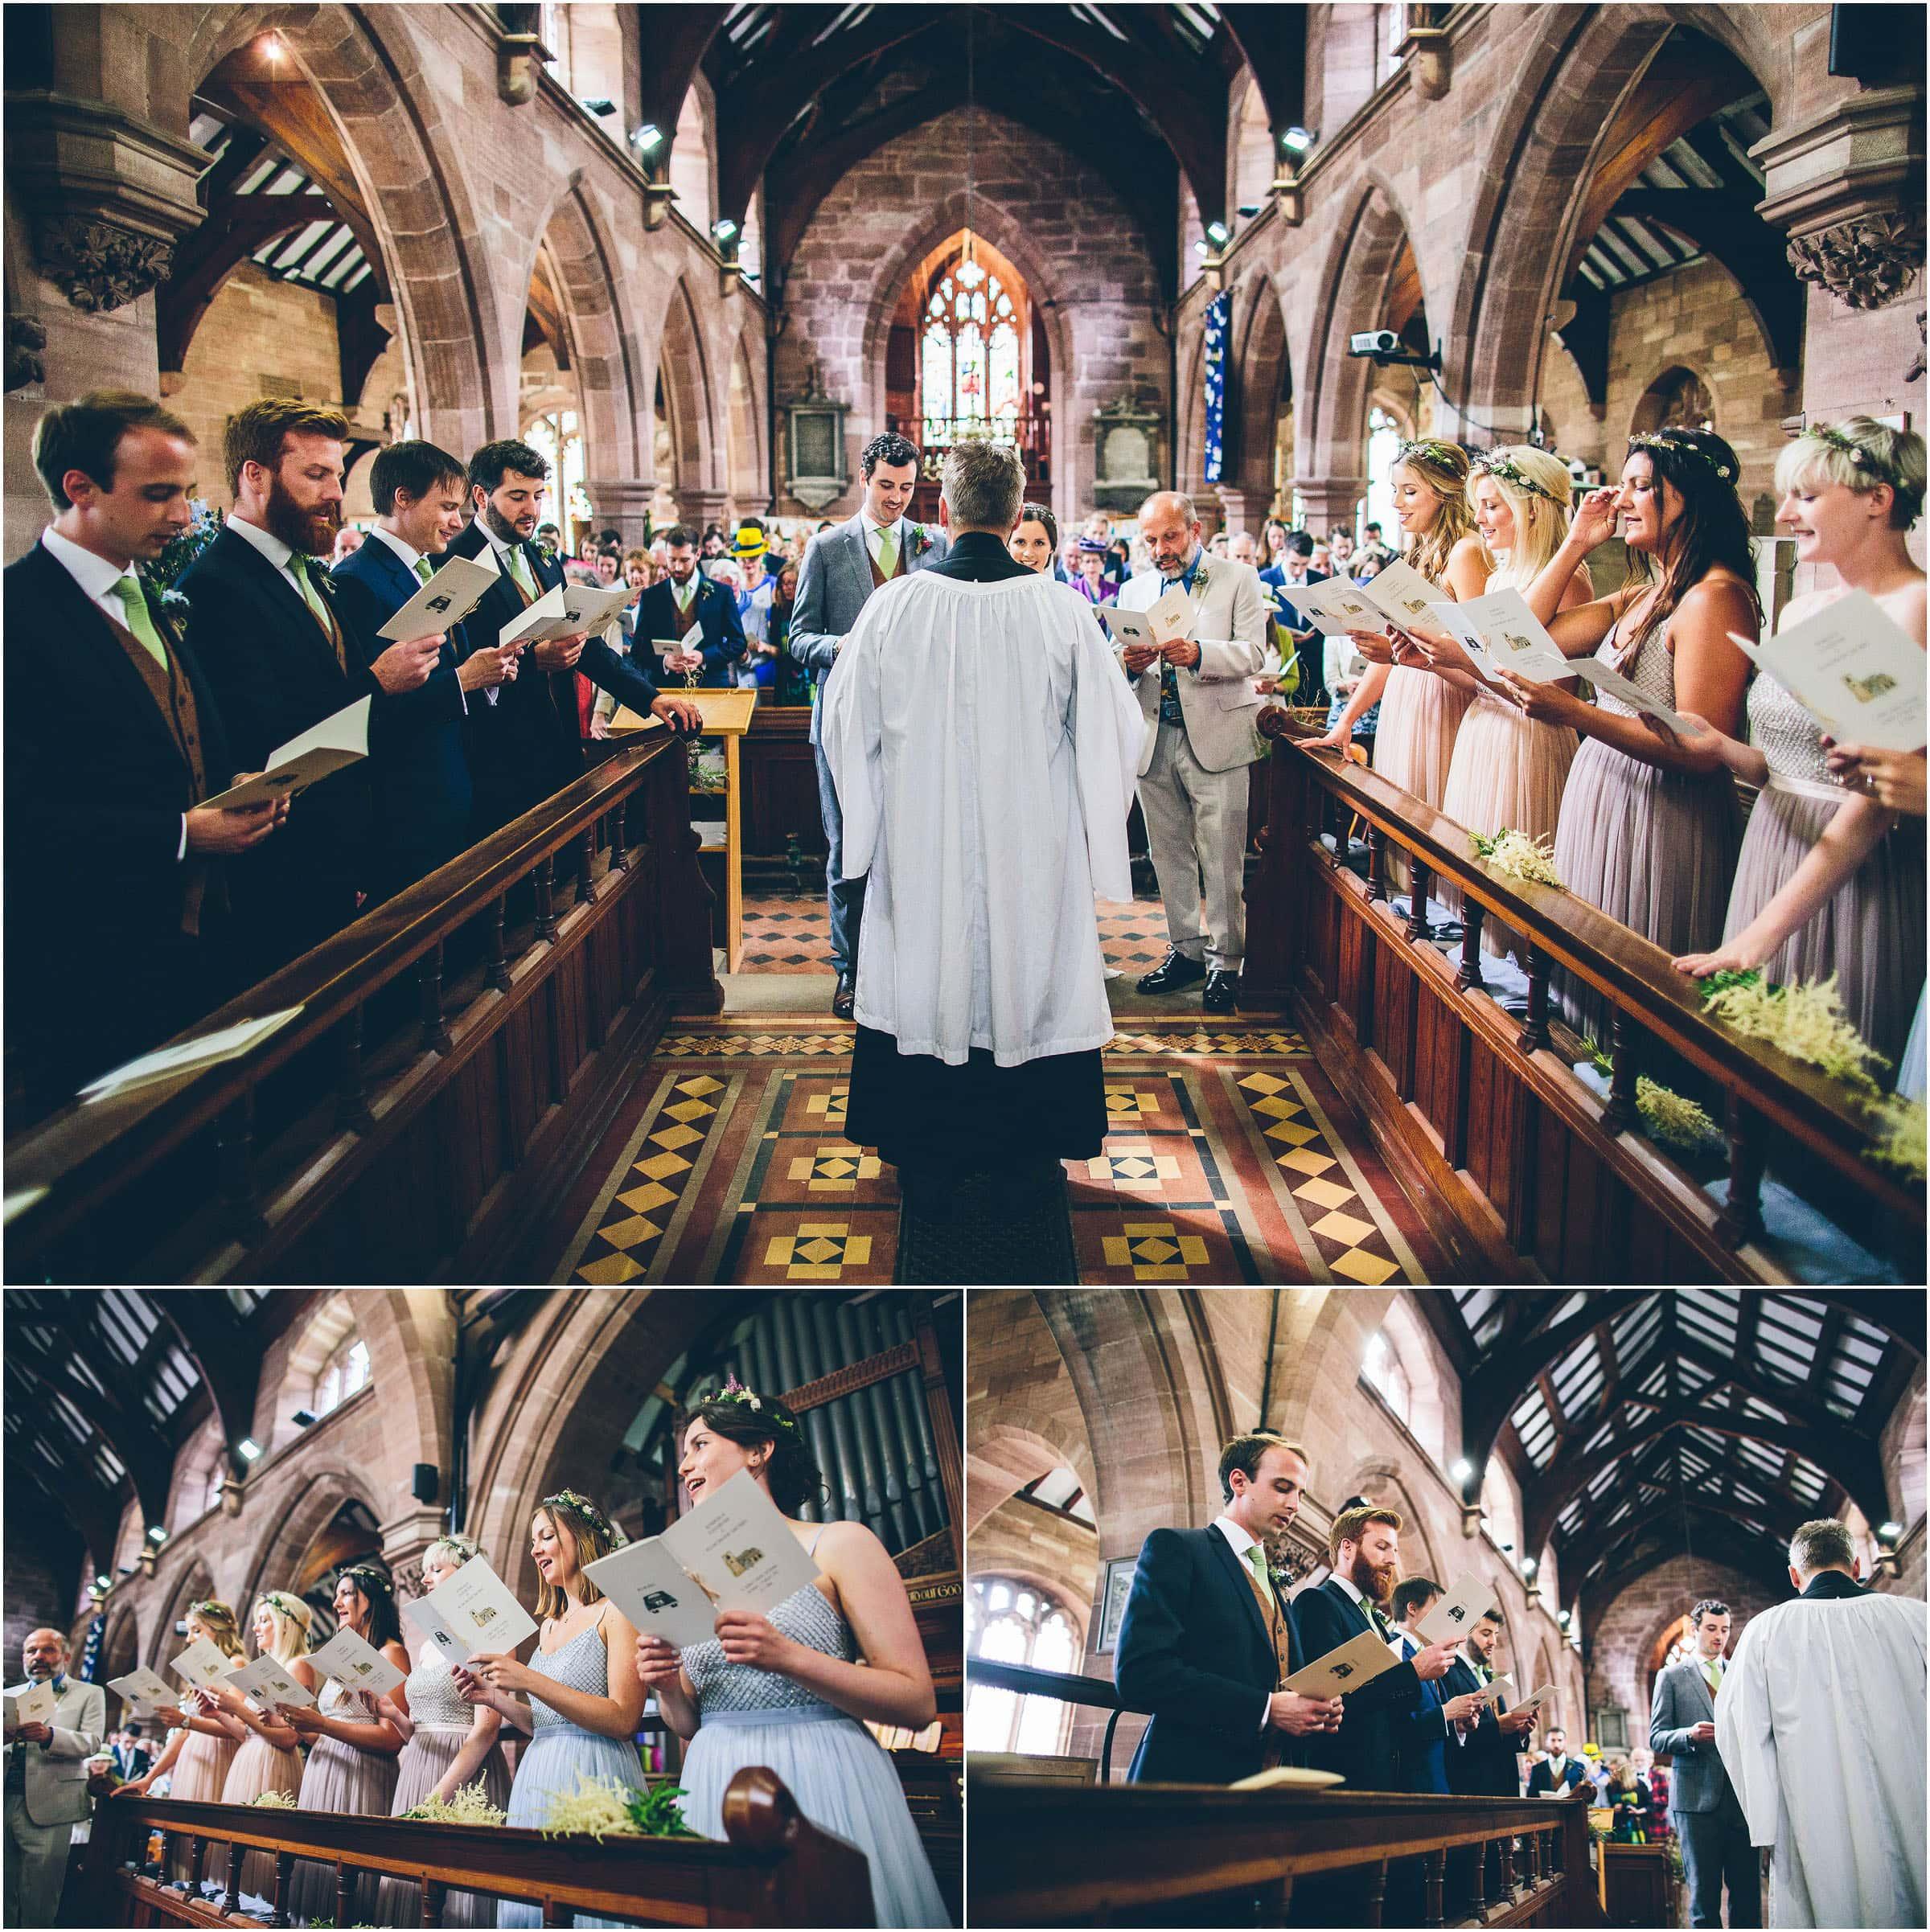 Harthill_Weddings_Wedding_Photography_0047